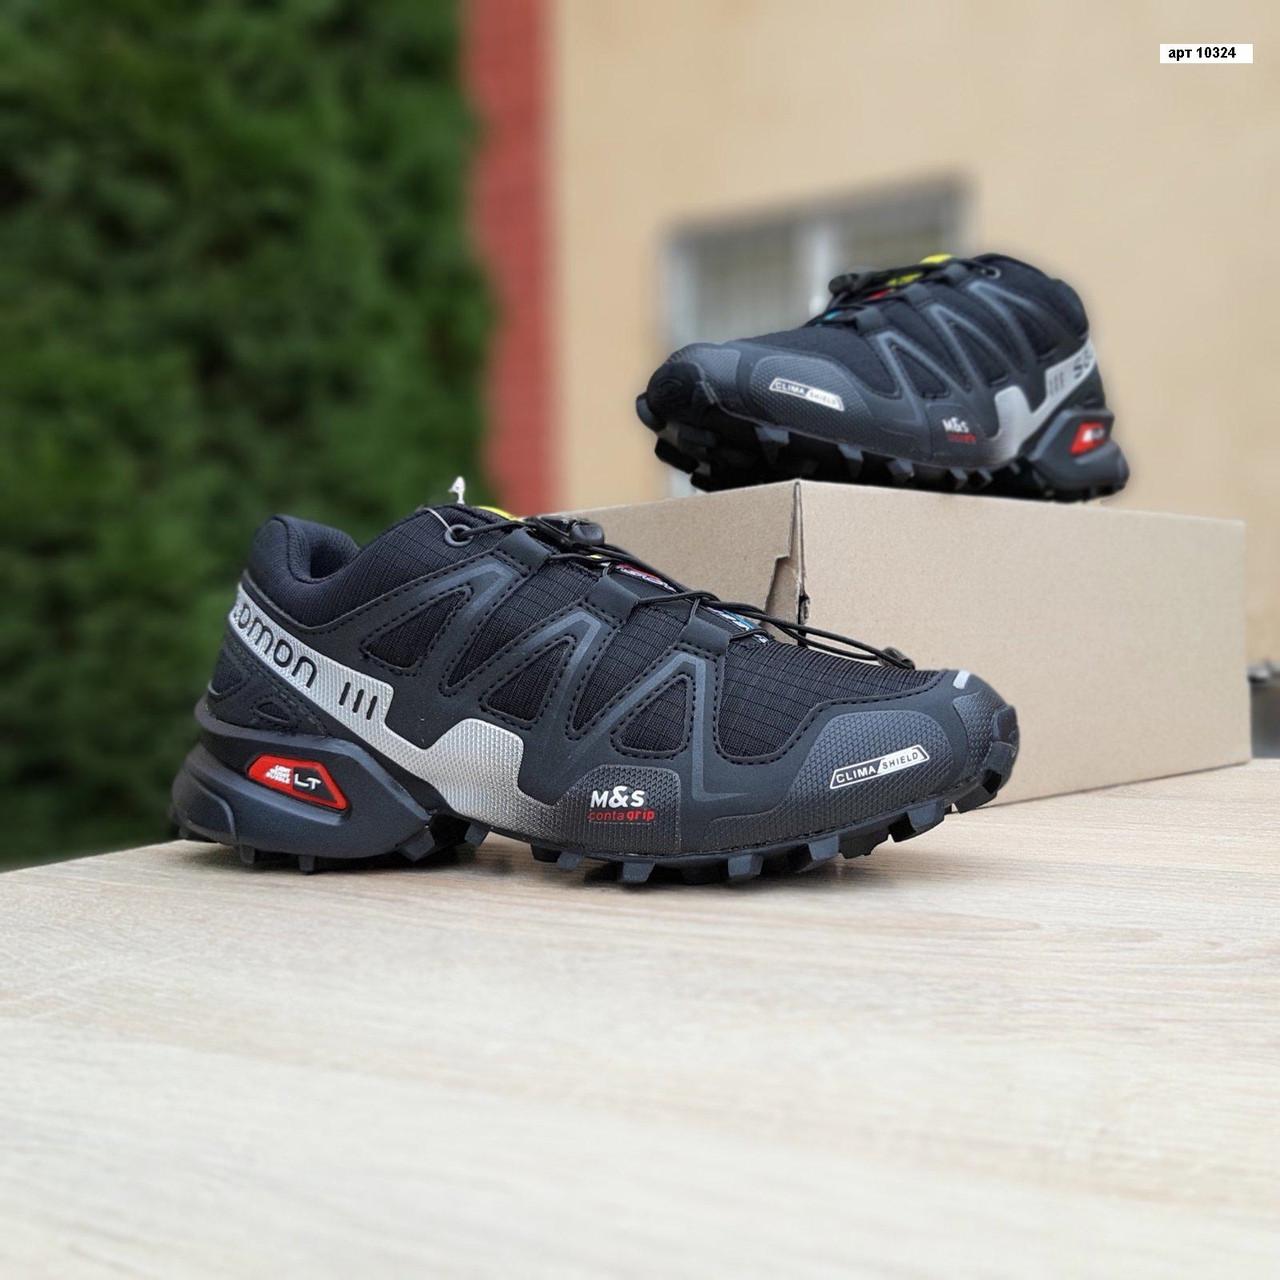 Мужские кроссовки Salomon Speedcross 3 (черно-белые) 10324